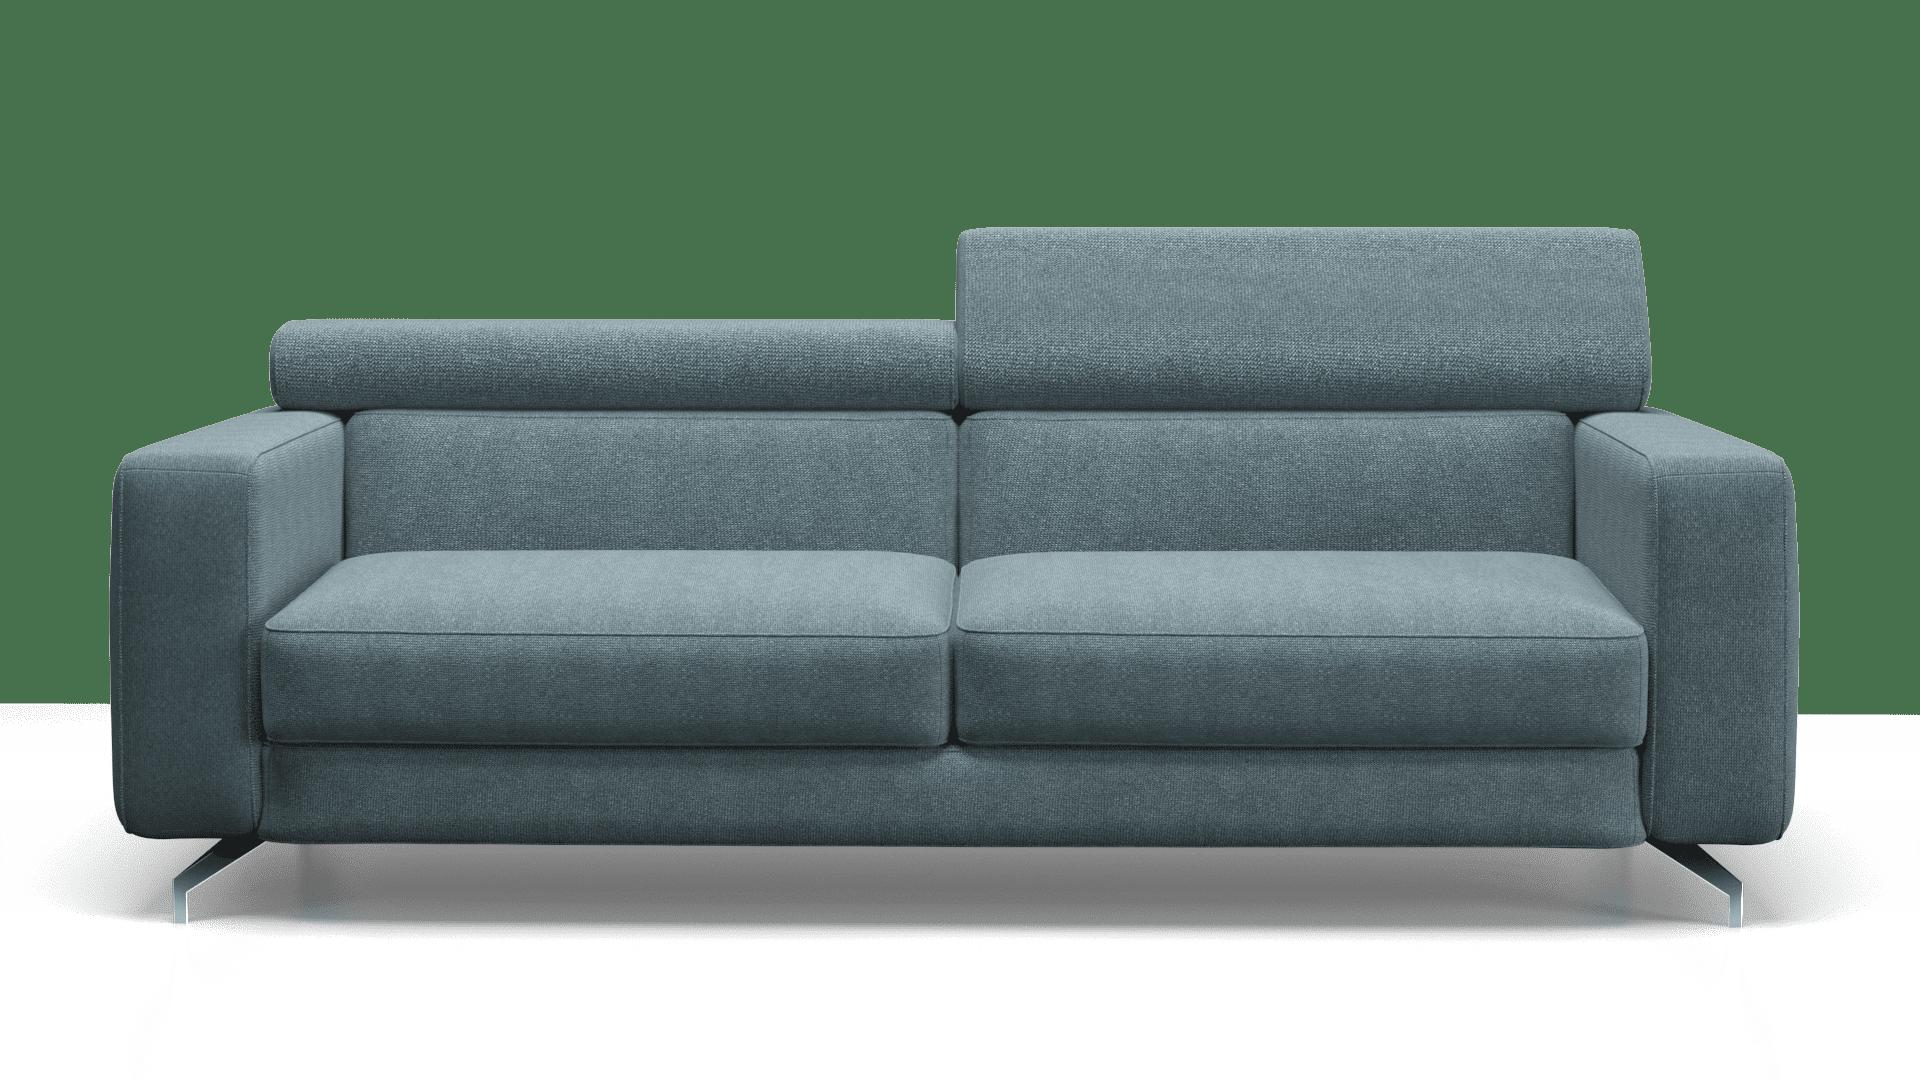 brenna salotti divano letto status 11